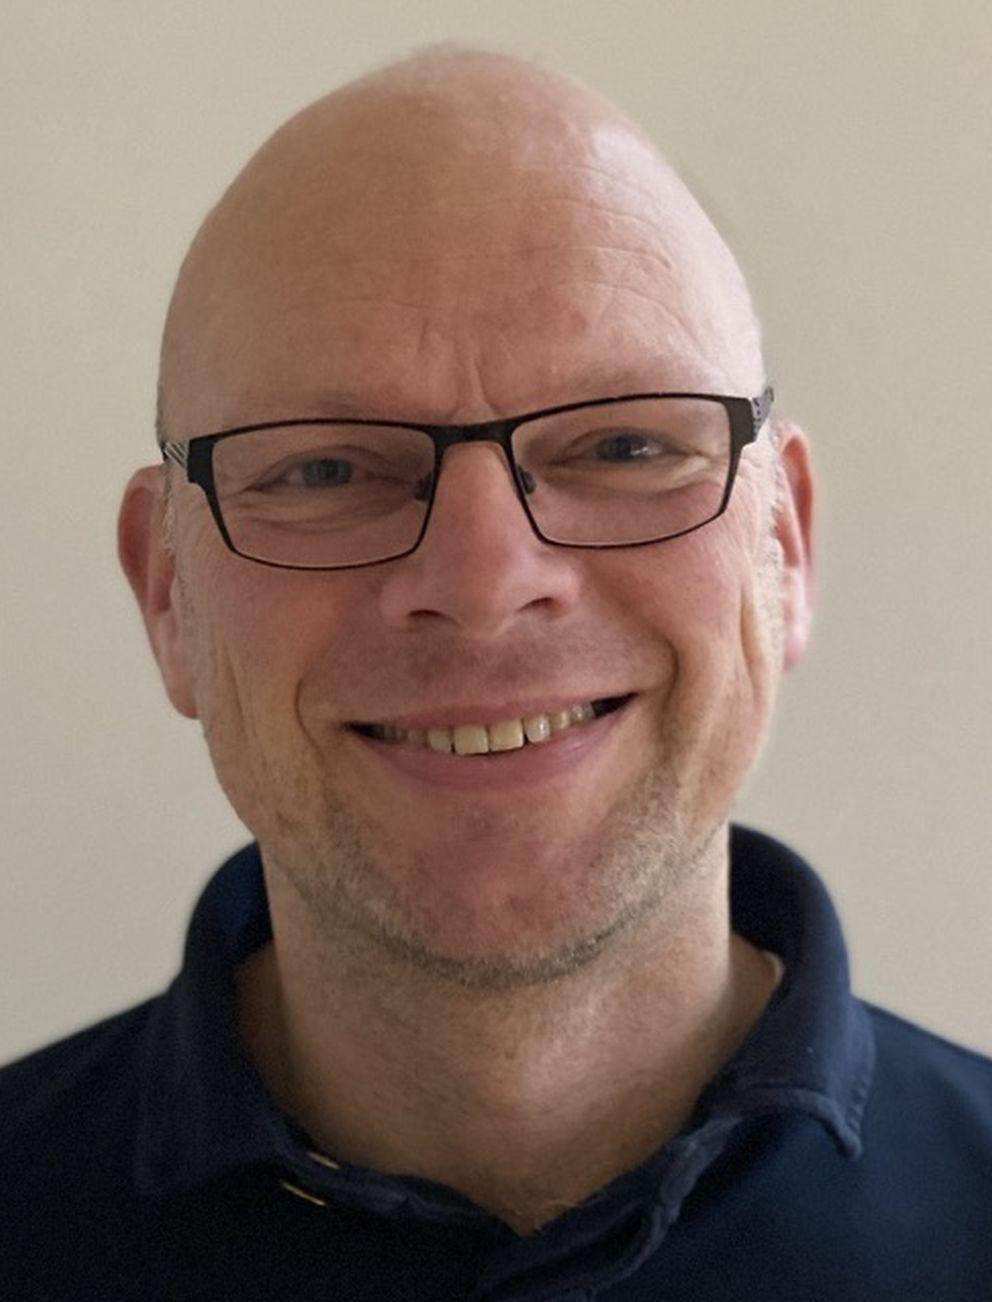 Iwan Bos